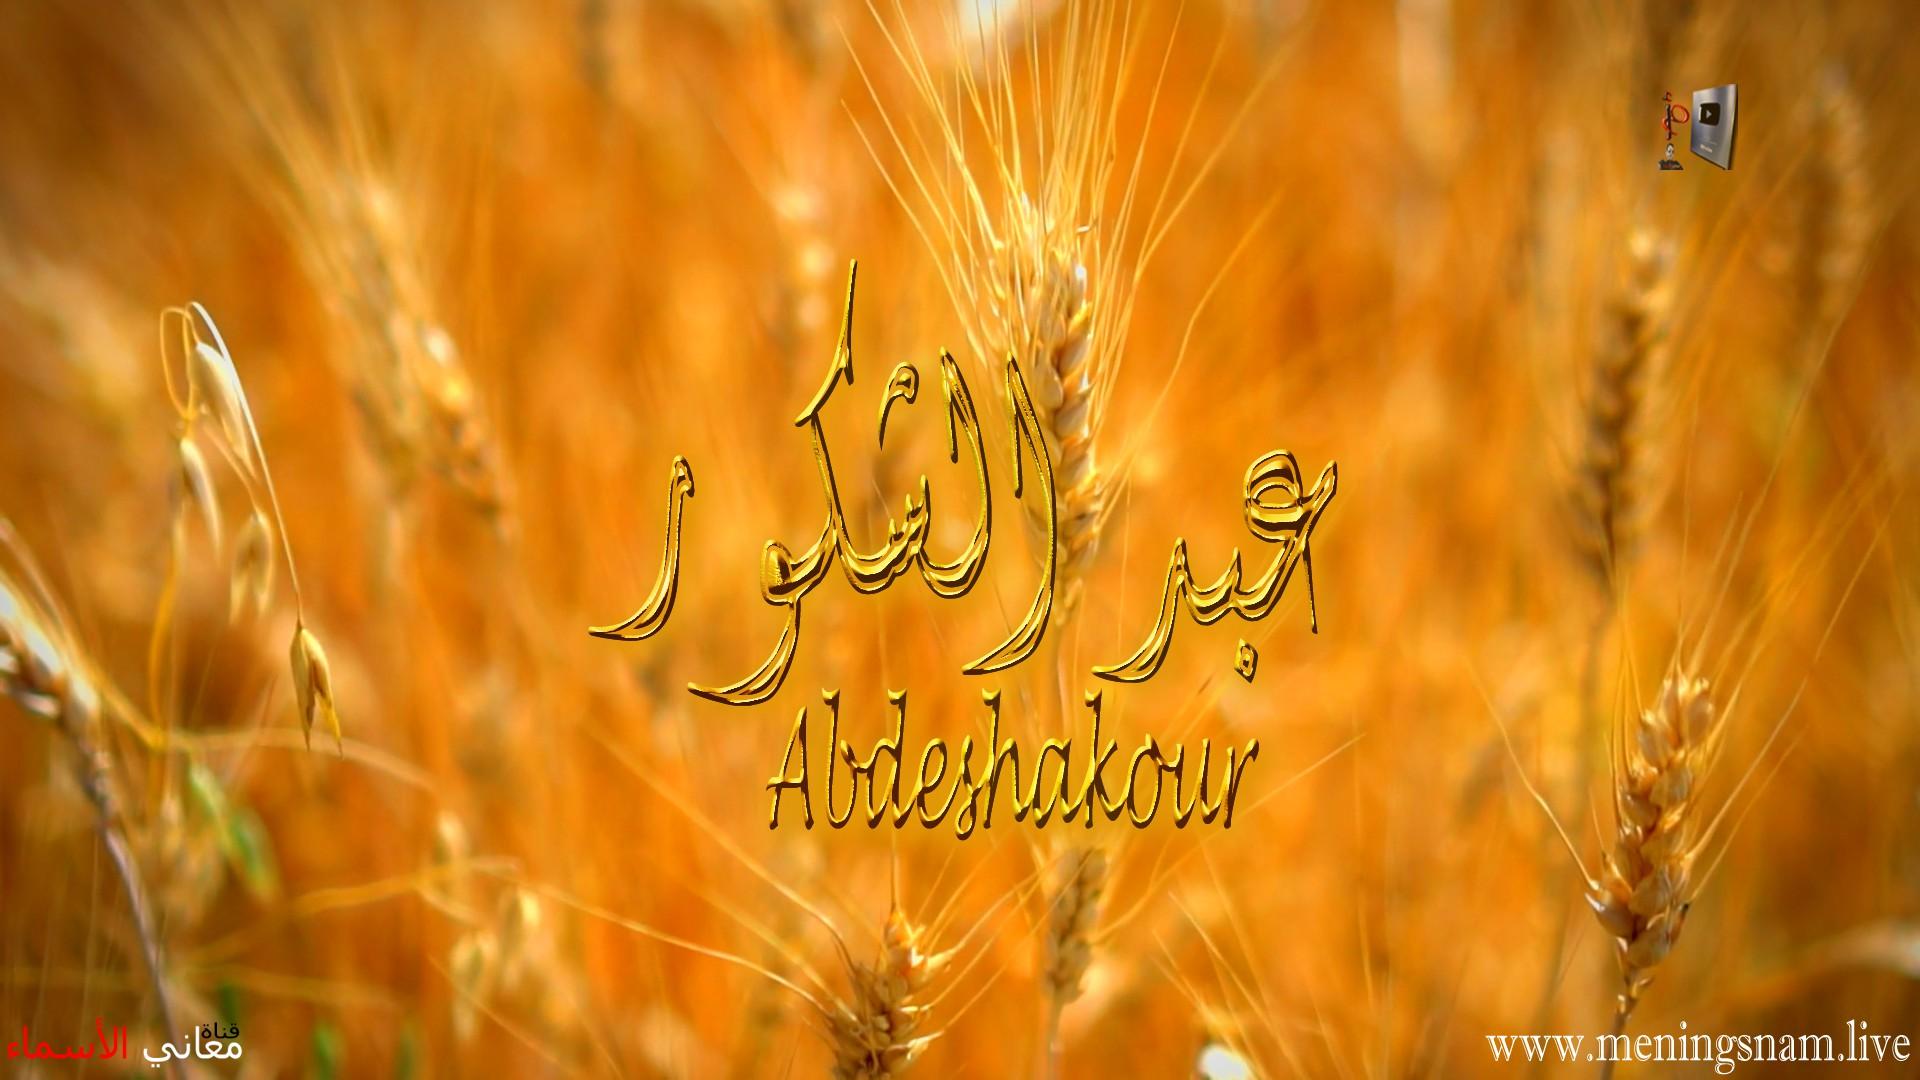 معنى اسم, عبد الشكور, وصفات, حامل, هذا الاسم, Abdeshakour,